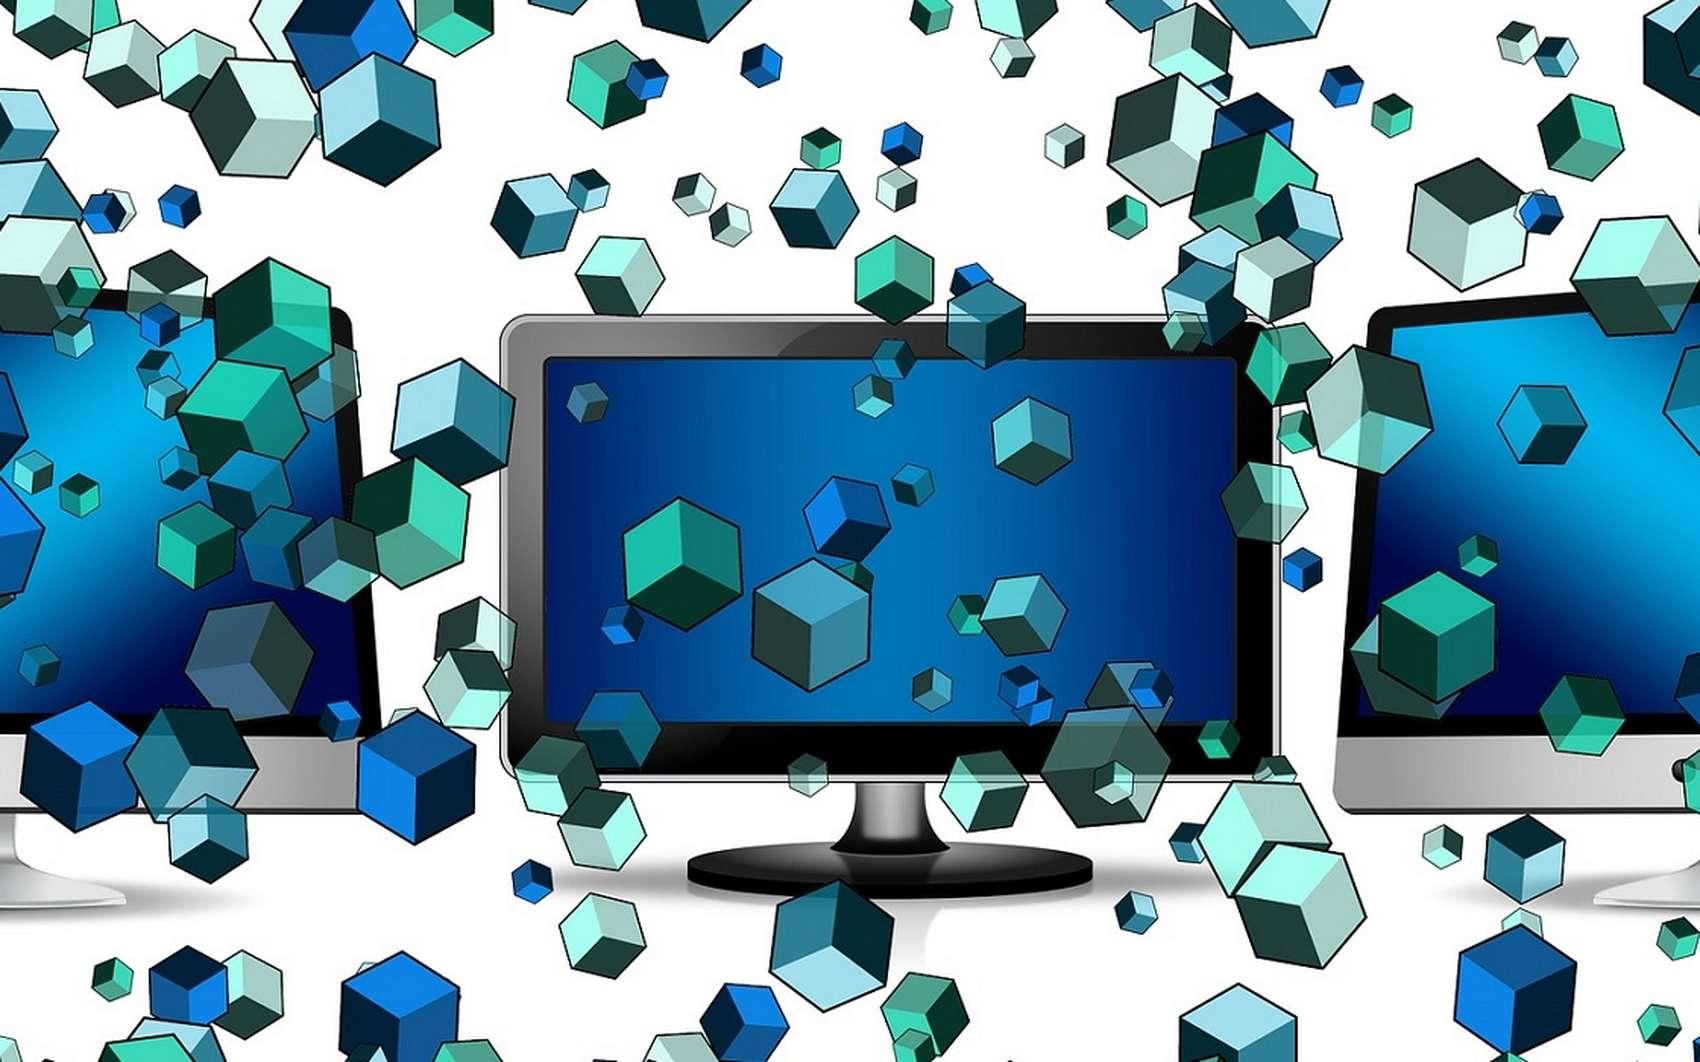 Lorsqu'un fichier est envoyé sur le réseau, il est découpé en plusieurs paquets. © Pixabay.com